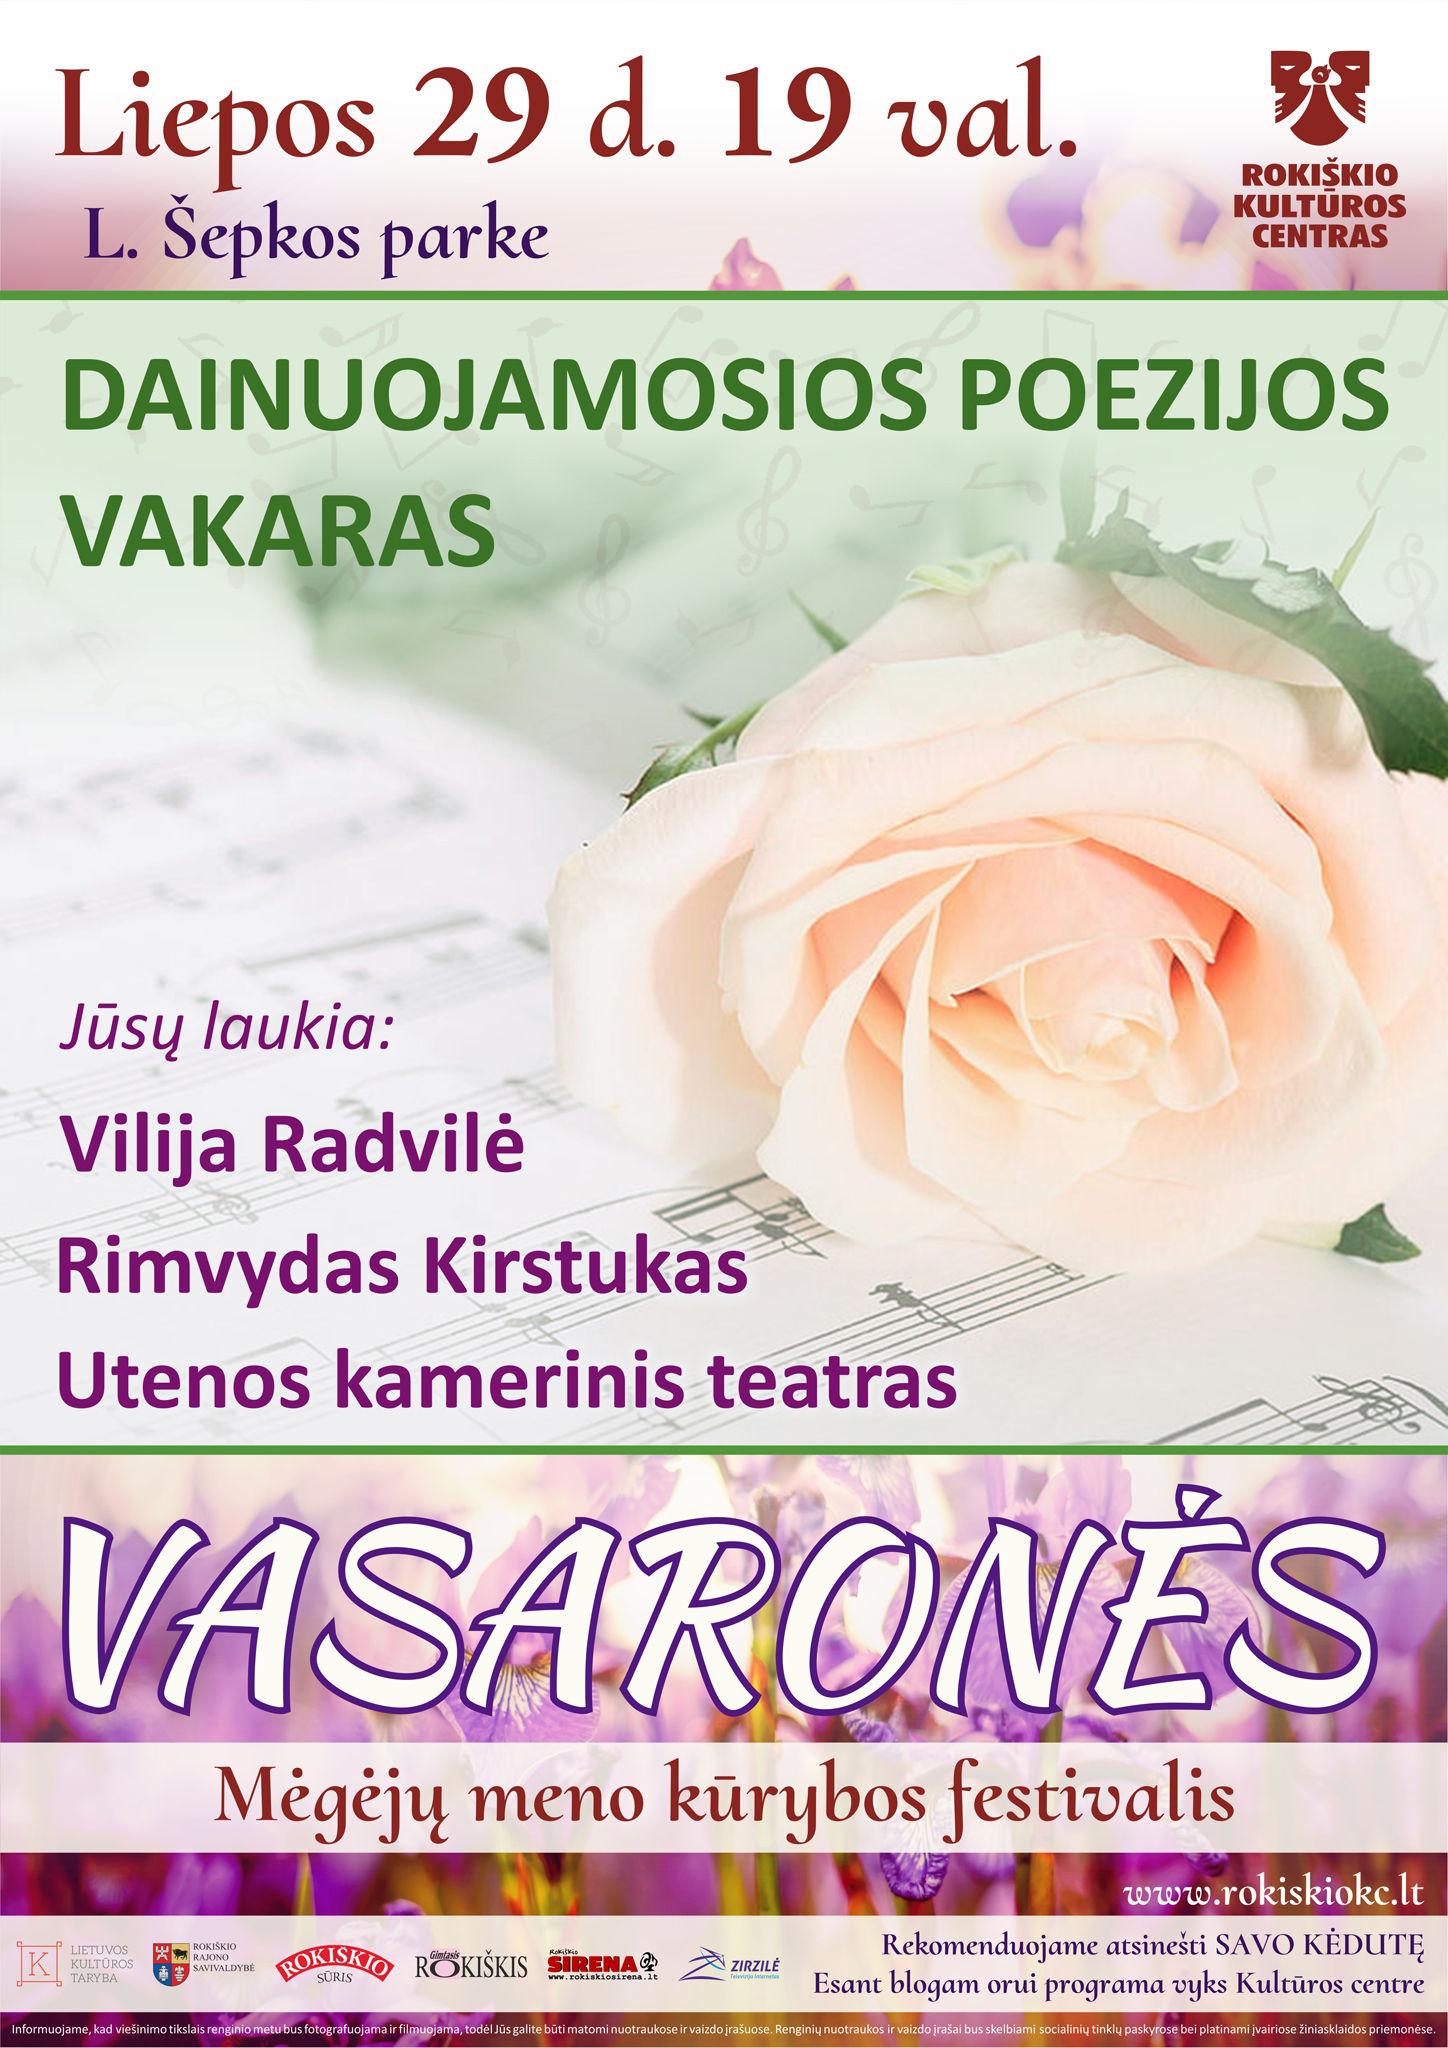 VASARONĖS, DAINUOJAMOSIOS POEZIJOS VAKARAS